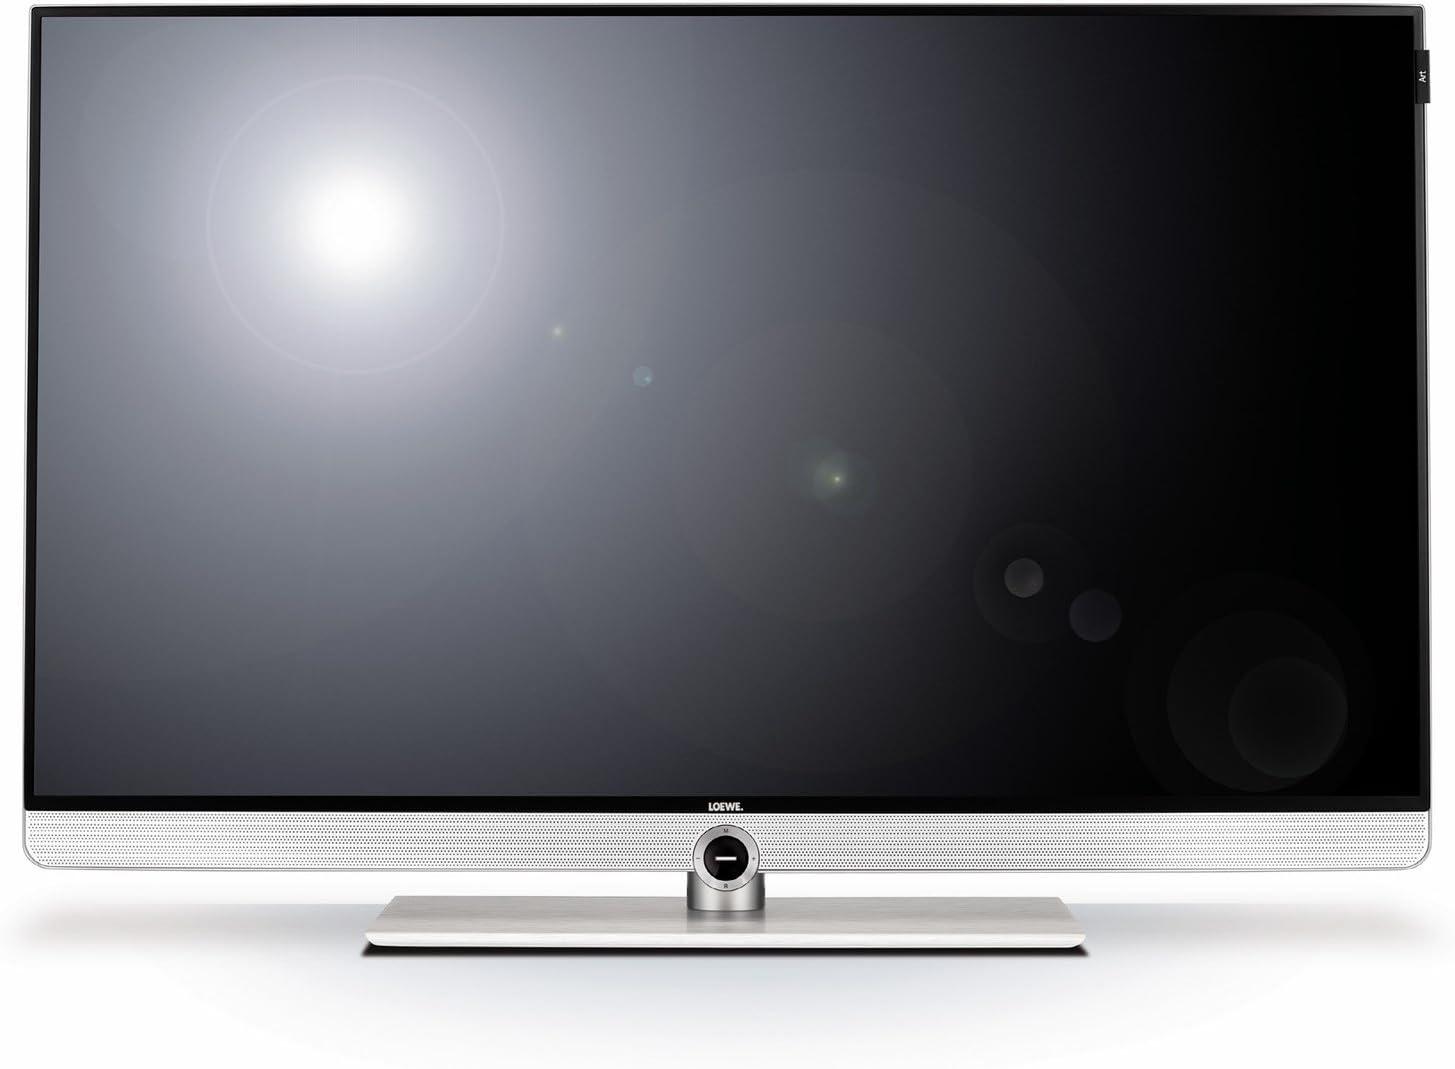 Loewe - Tv led 55 art 55 uhd 4k 200 hz, 3d, wi-fi y smart tv: Amazon.es: Electrónica